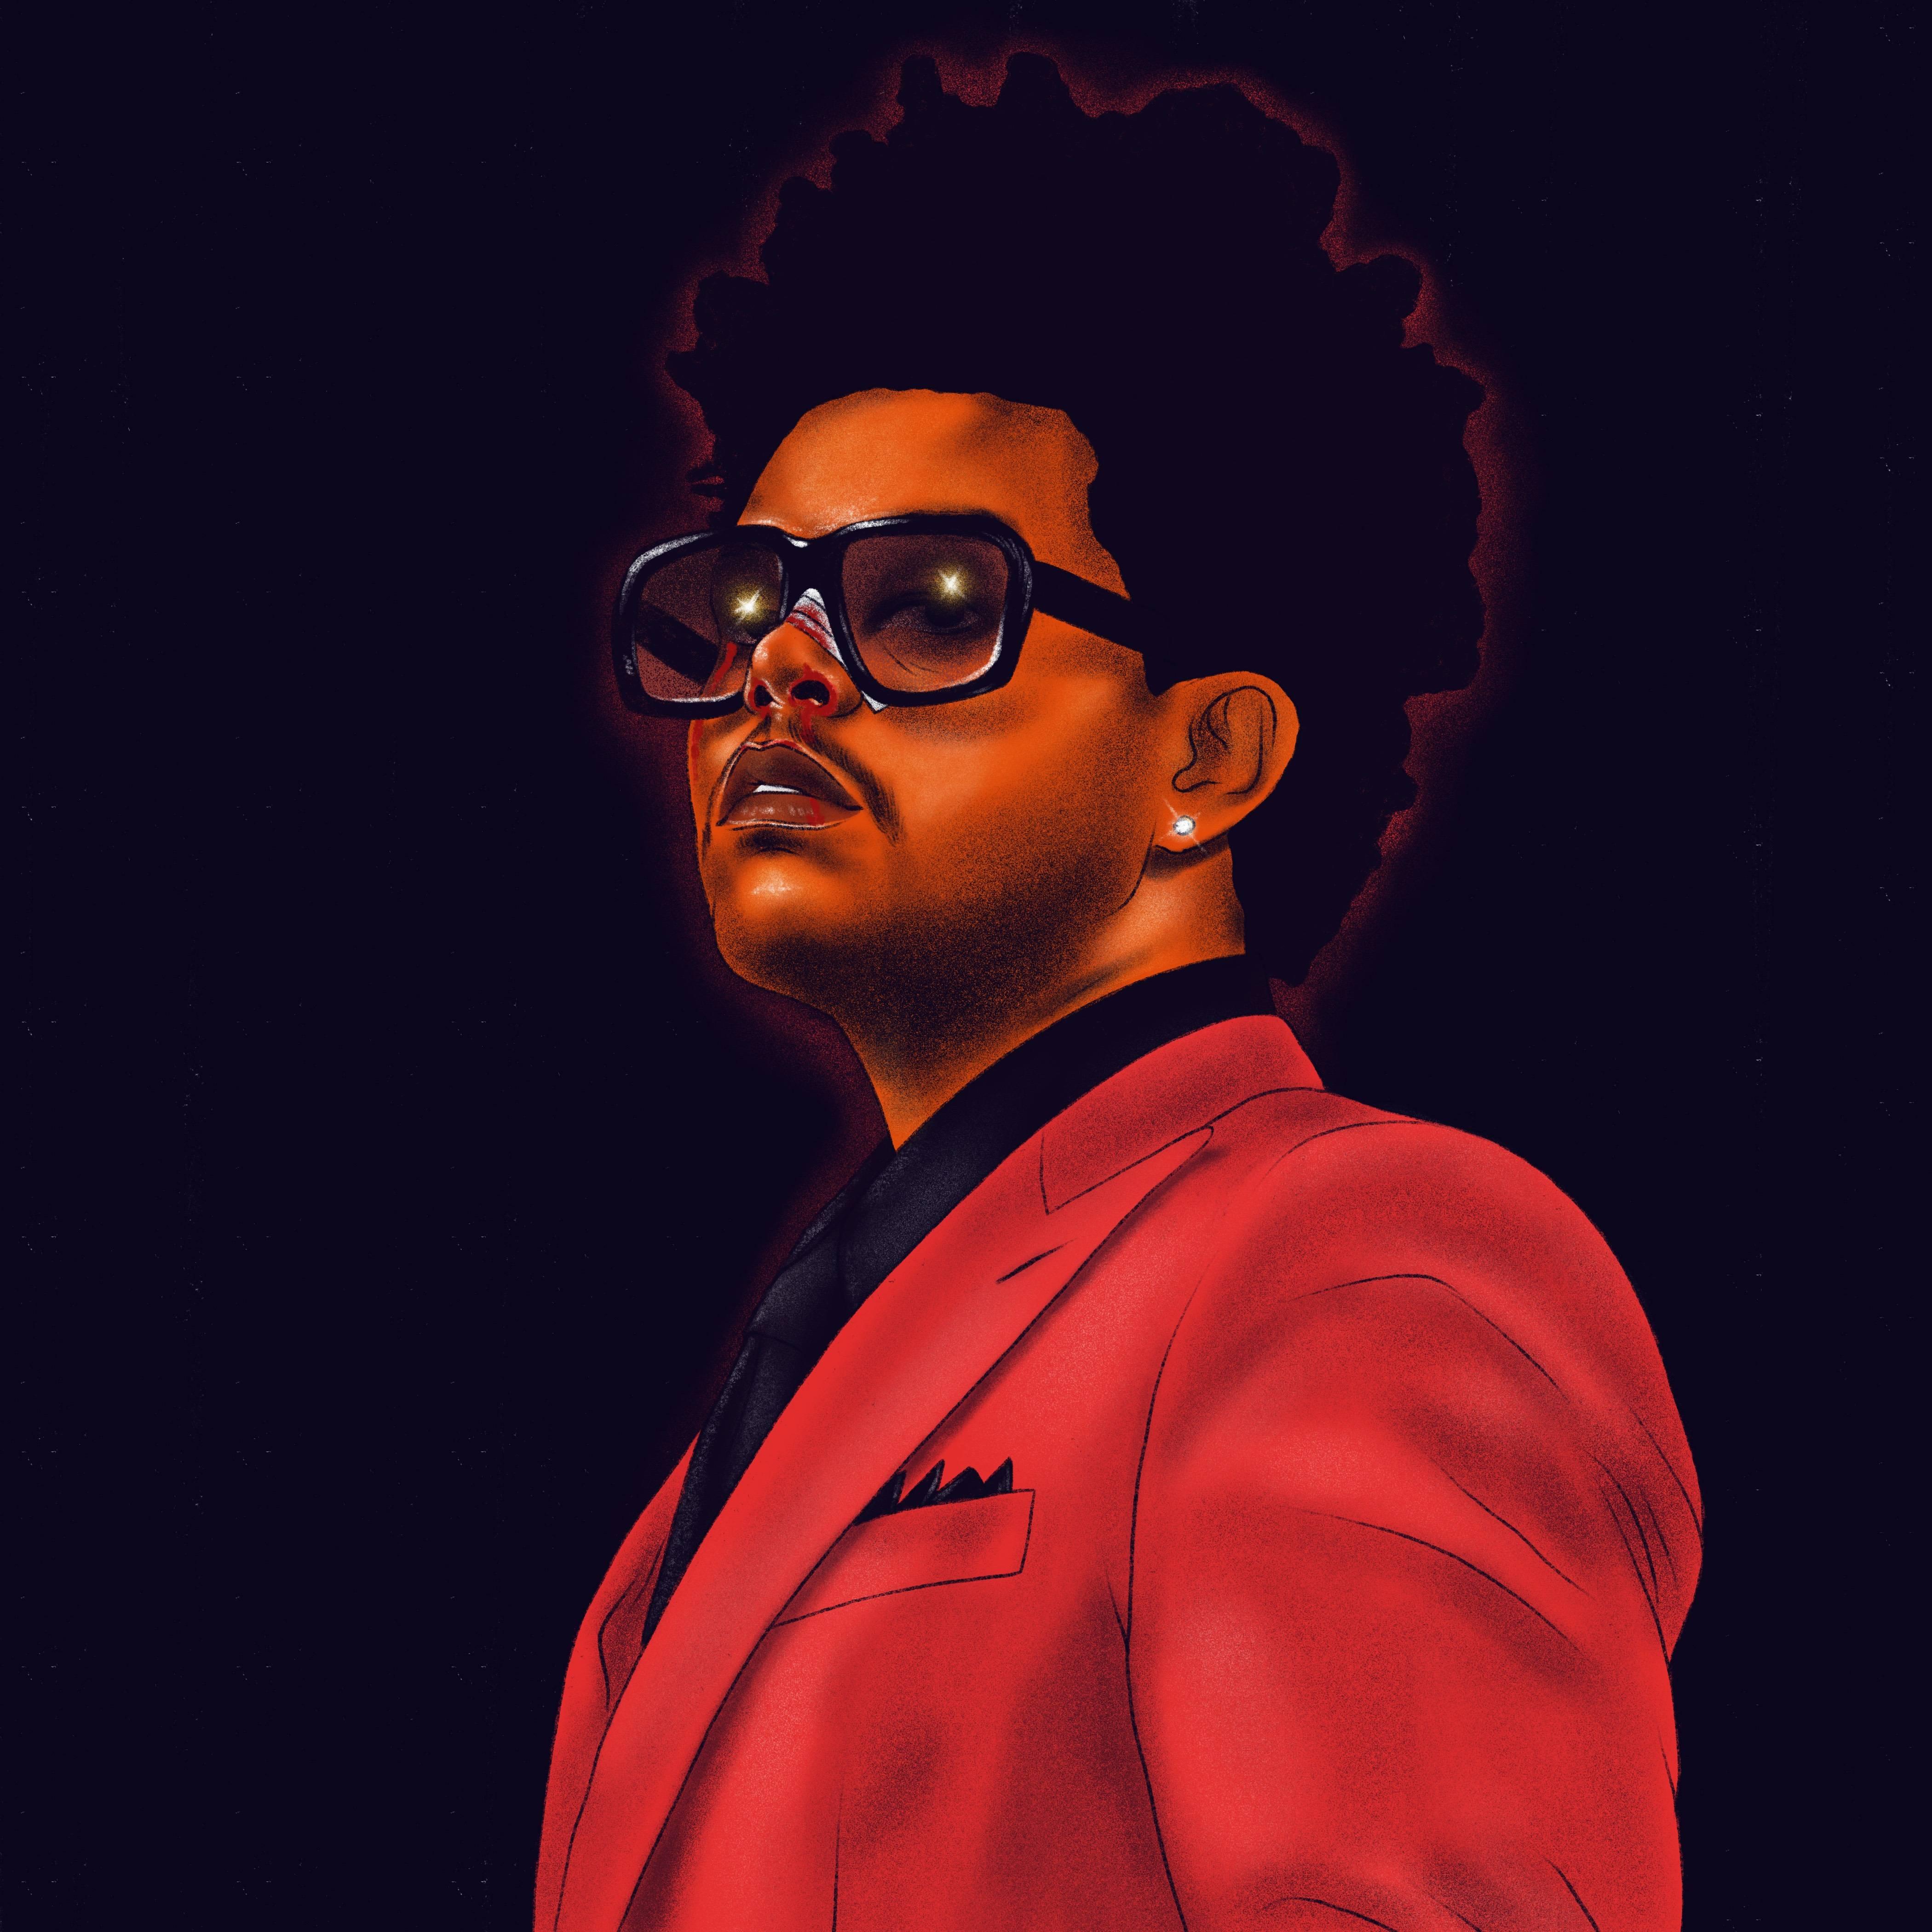 2020 VMA | Artist Spotlight Flipbook The Weeknd by Rachelle Baker-Martin